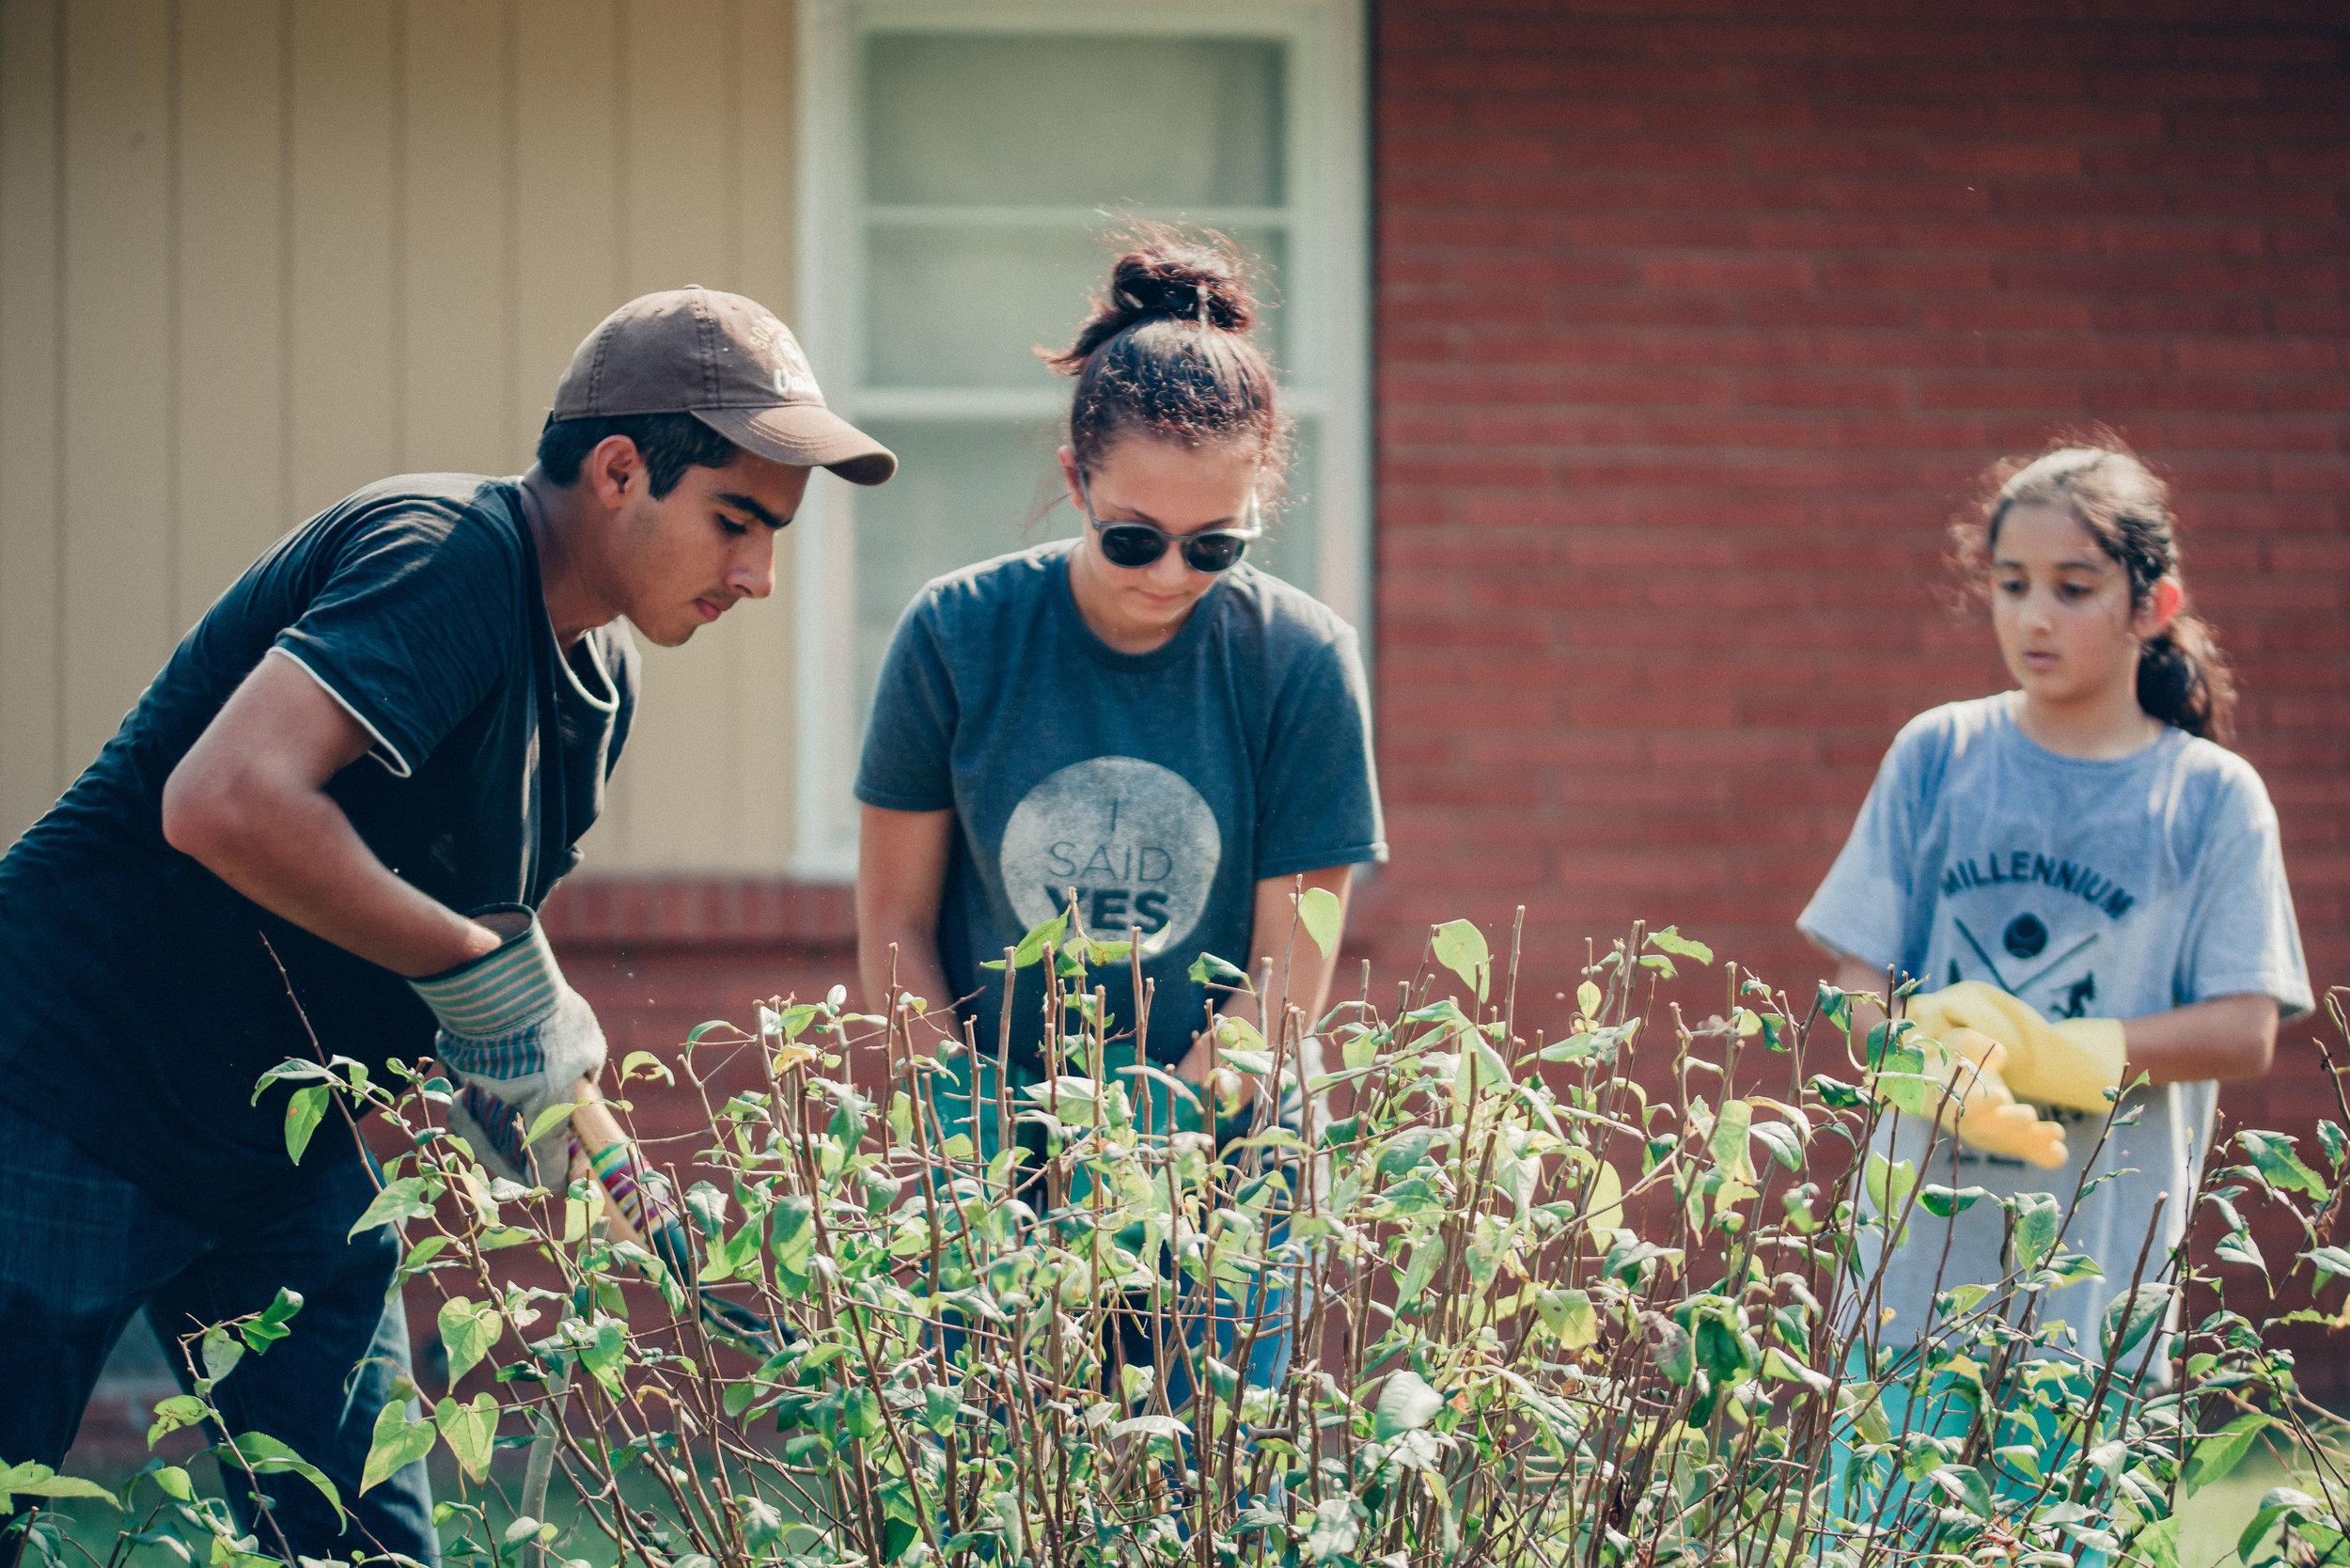 Outdoor-work-in-community.jpg